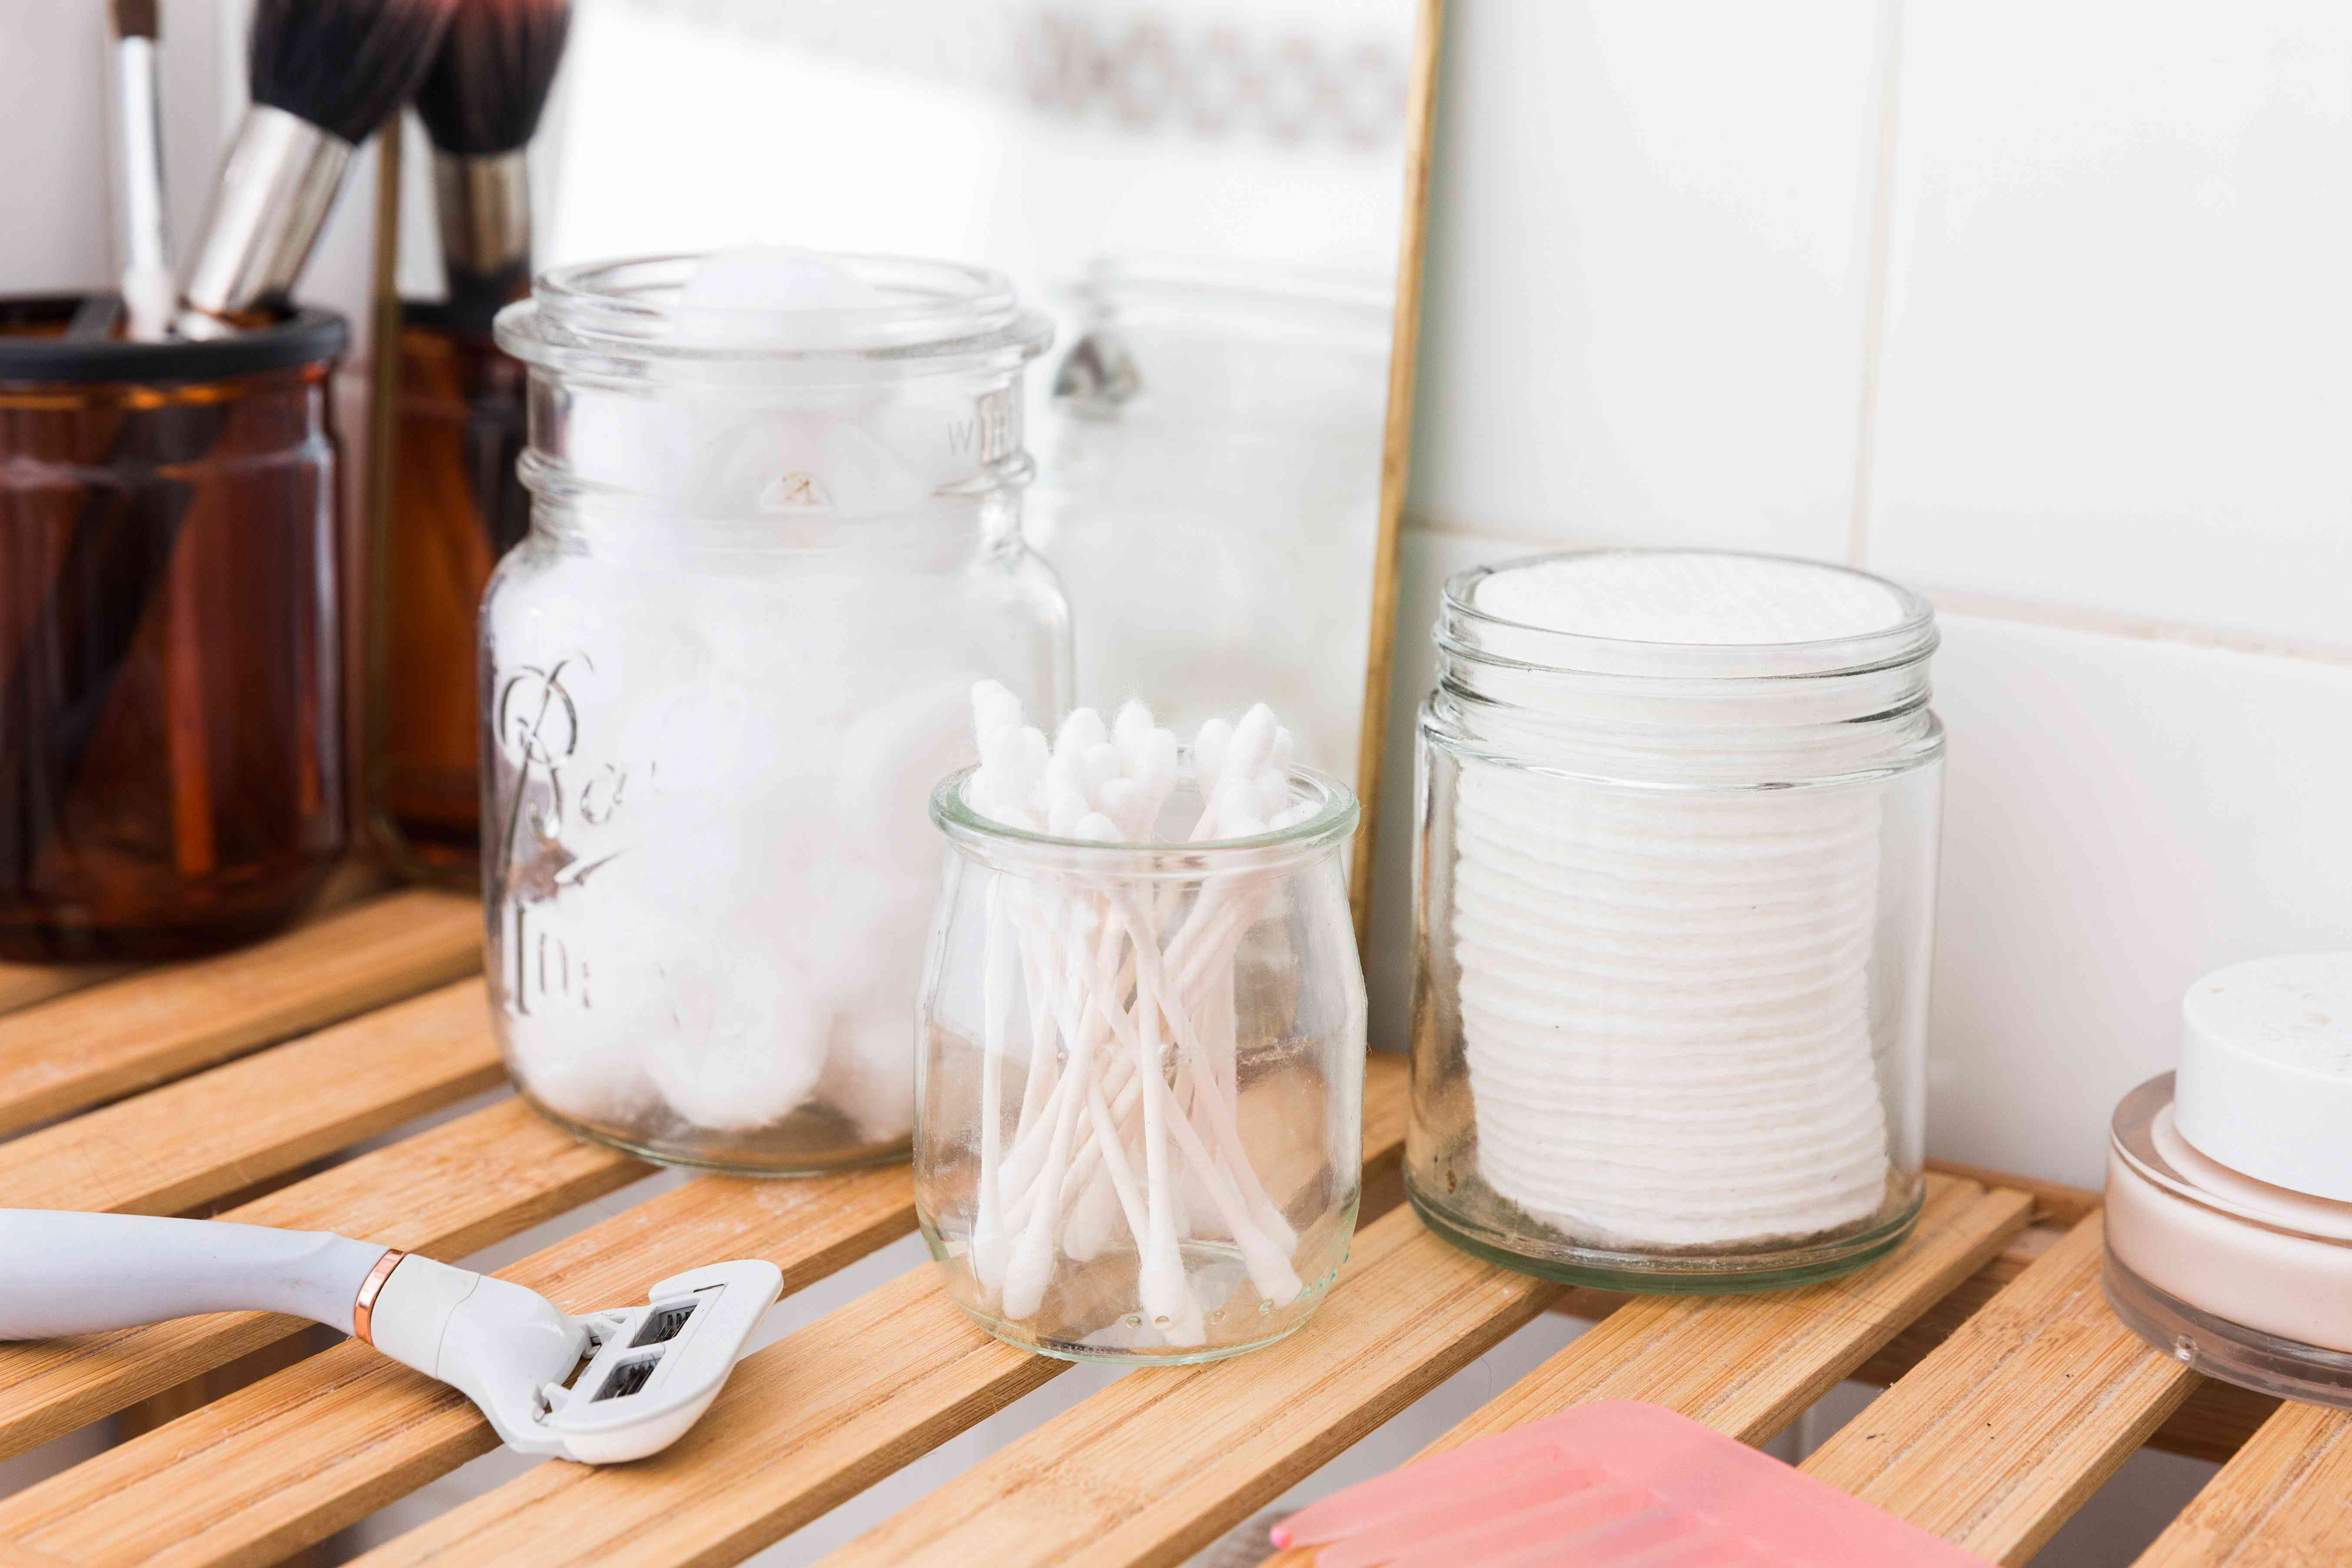 using jars to store toiletries